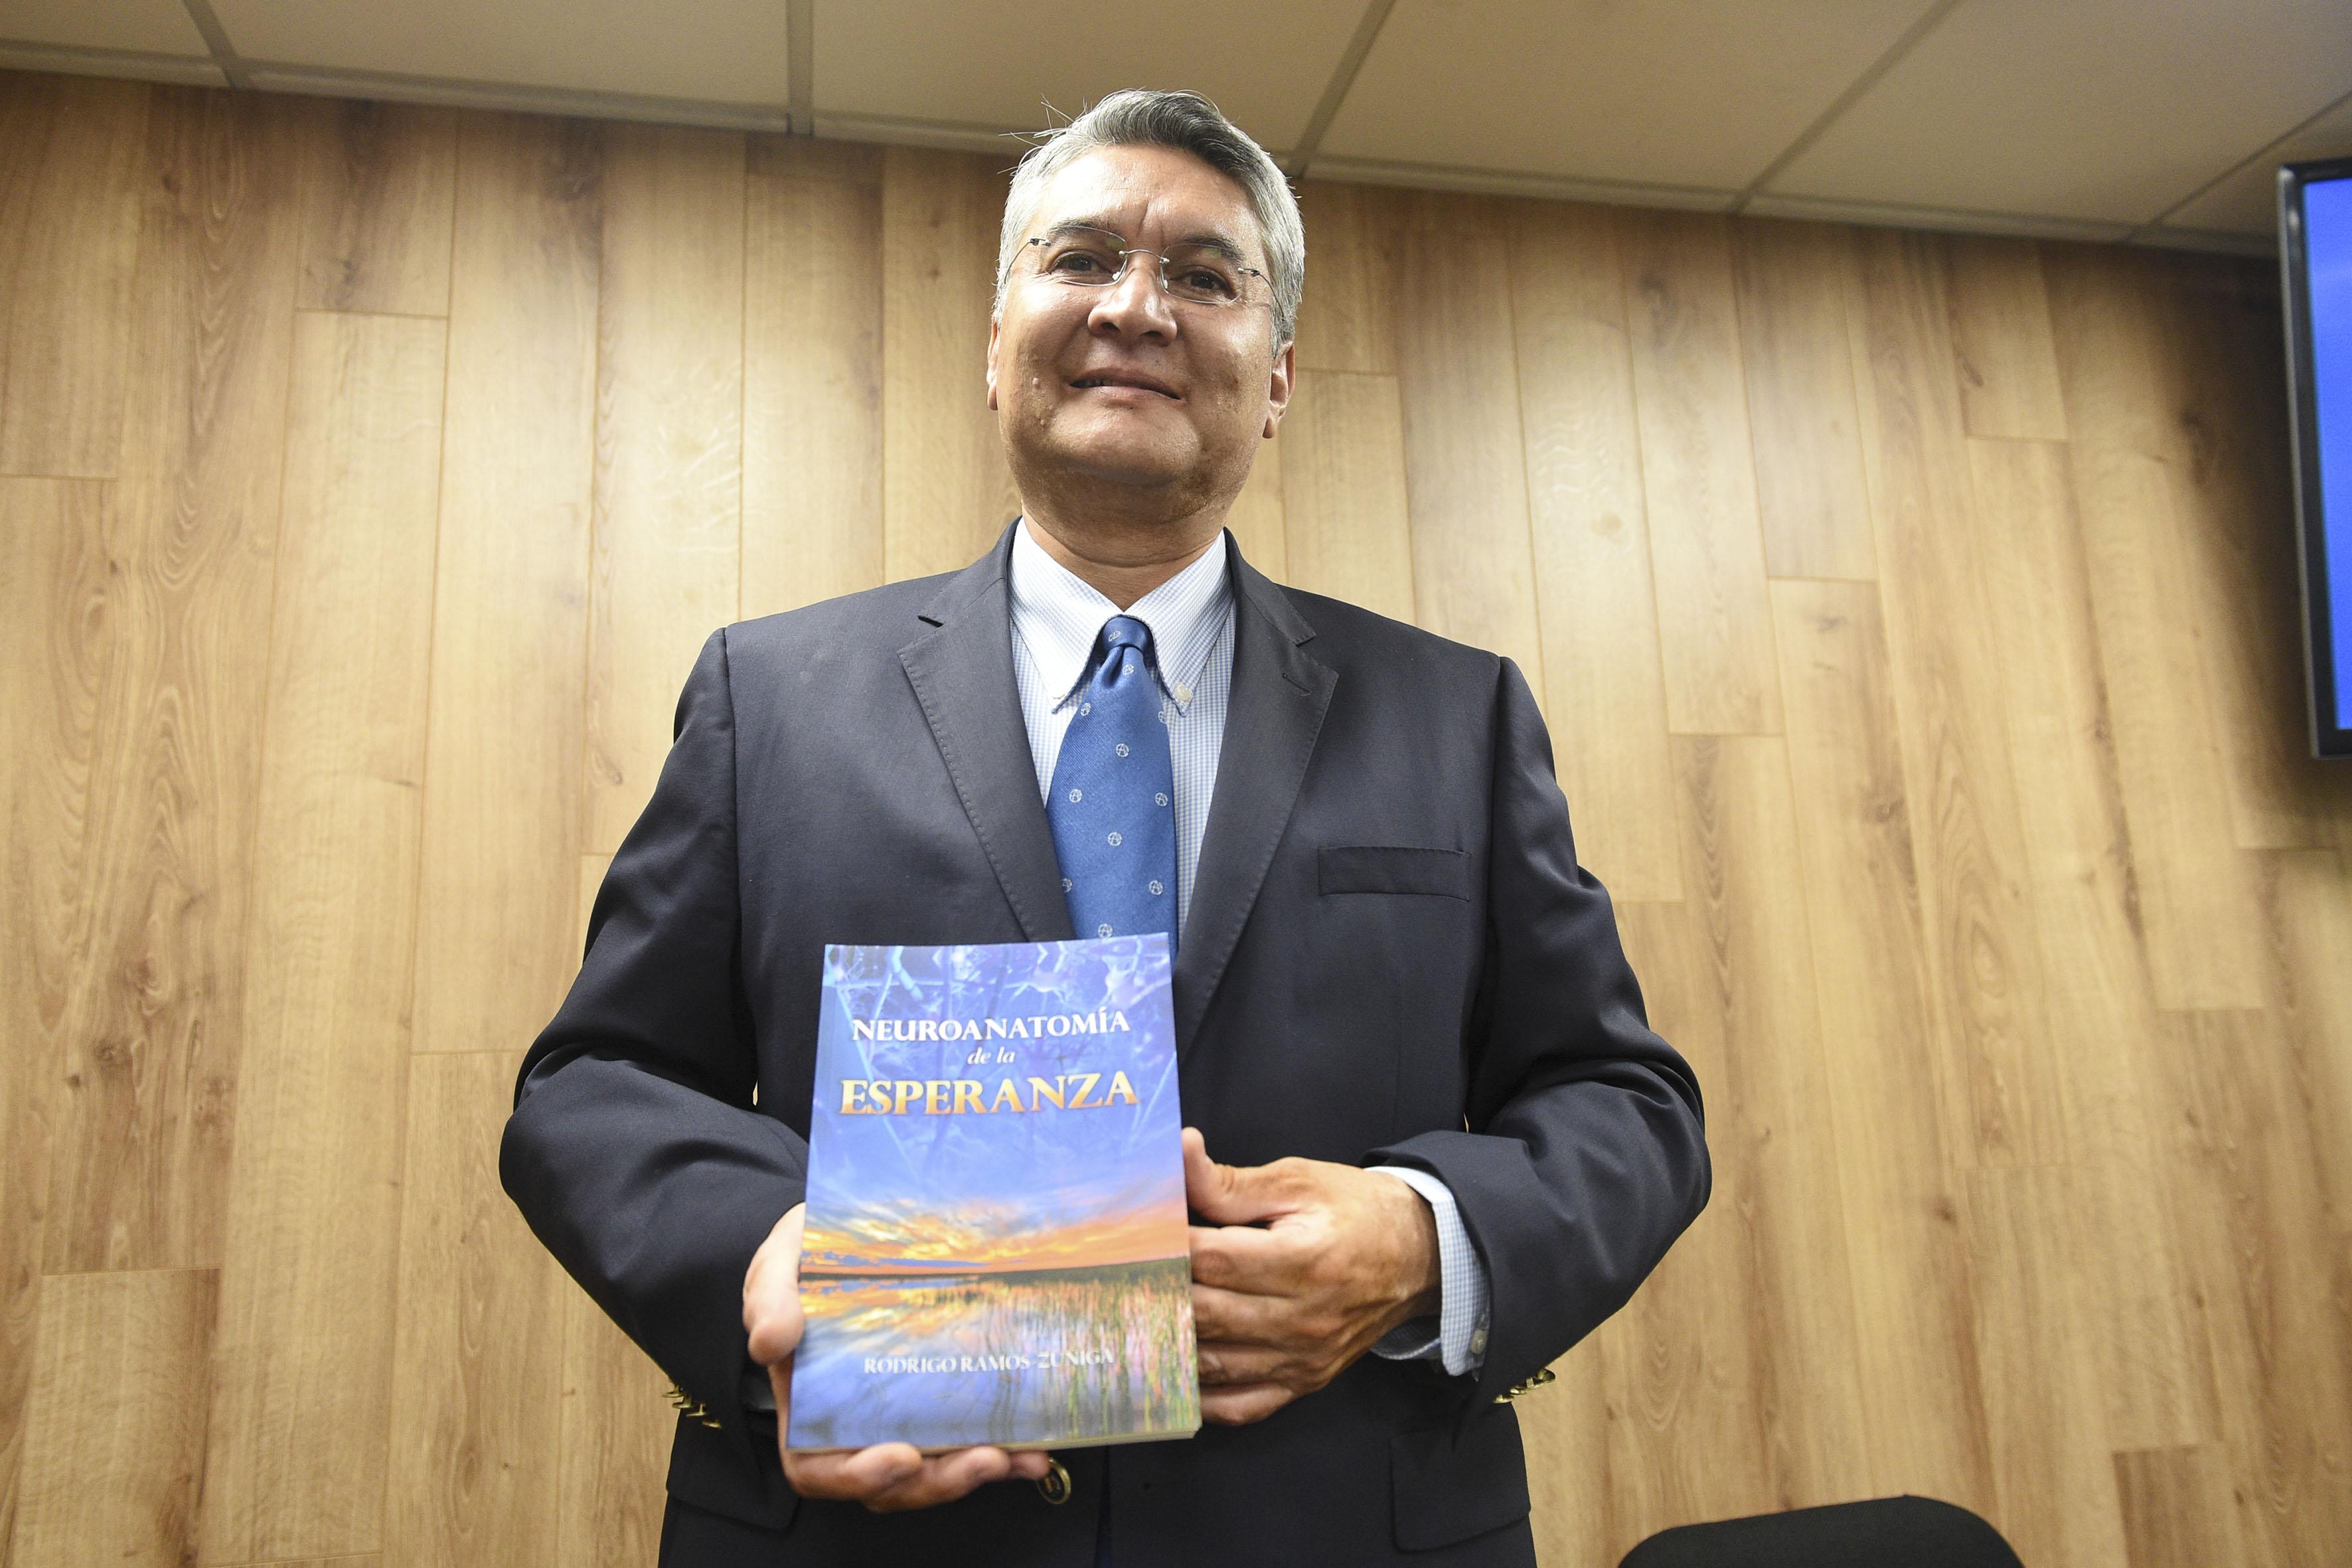 Dr. Rodrigo Ramos Zúñiga, jefe del Departamento de Neurociencias del Centro Universitario de Ciencias de la Salud (CUCS), presentando su libro  Neuroanatomía de la esperanza